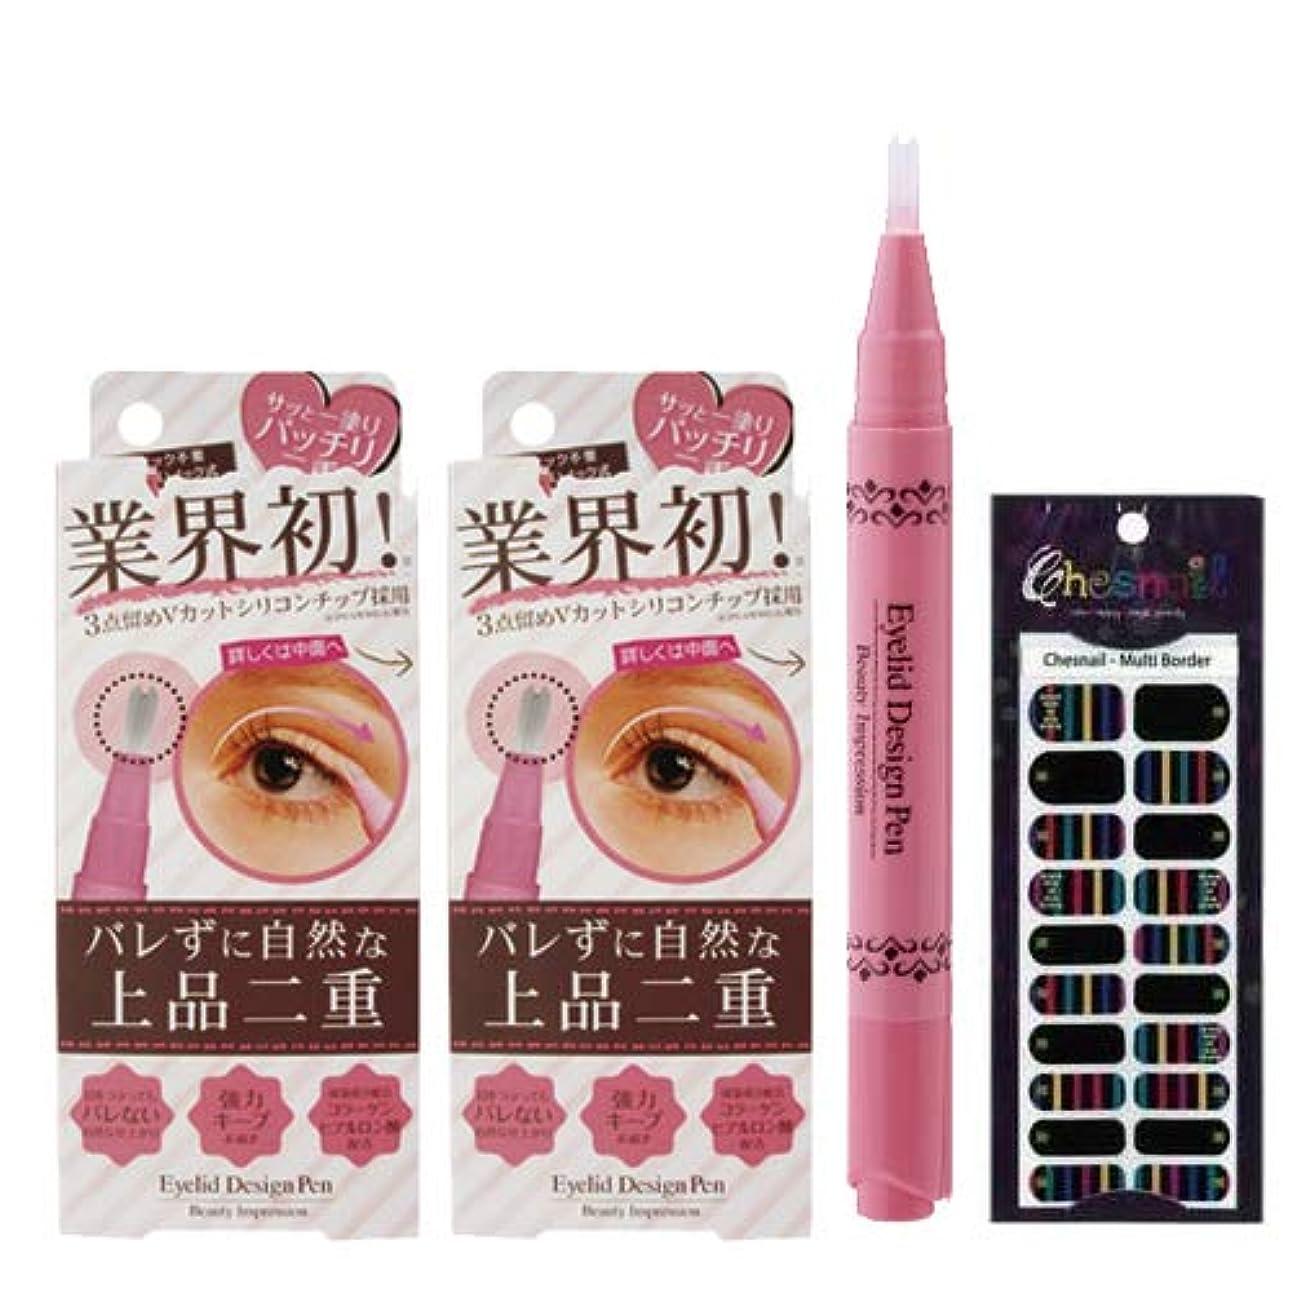 Beauty Impression アイリッドデザインペン 2ml (二重まぶた形成化粧品) ×2個 + チェスネイル(マルチボーダー)セット